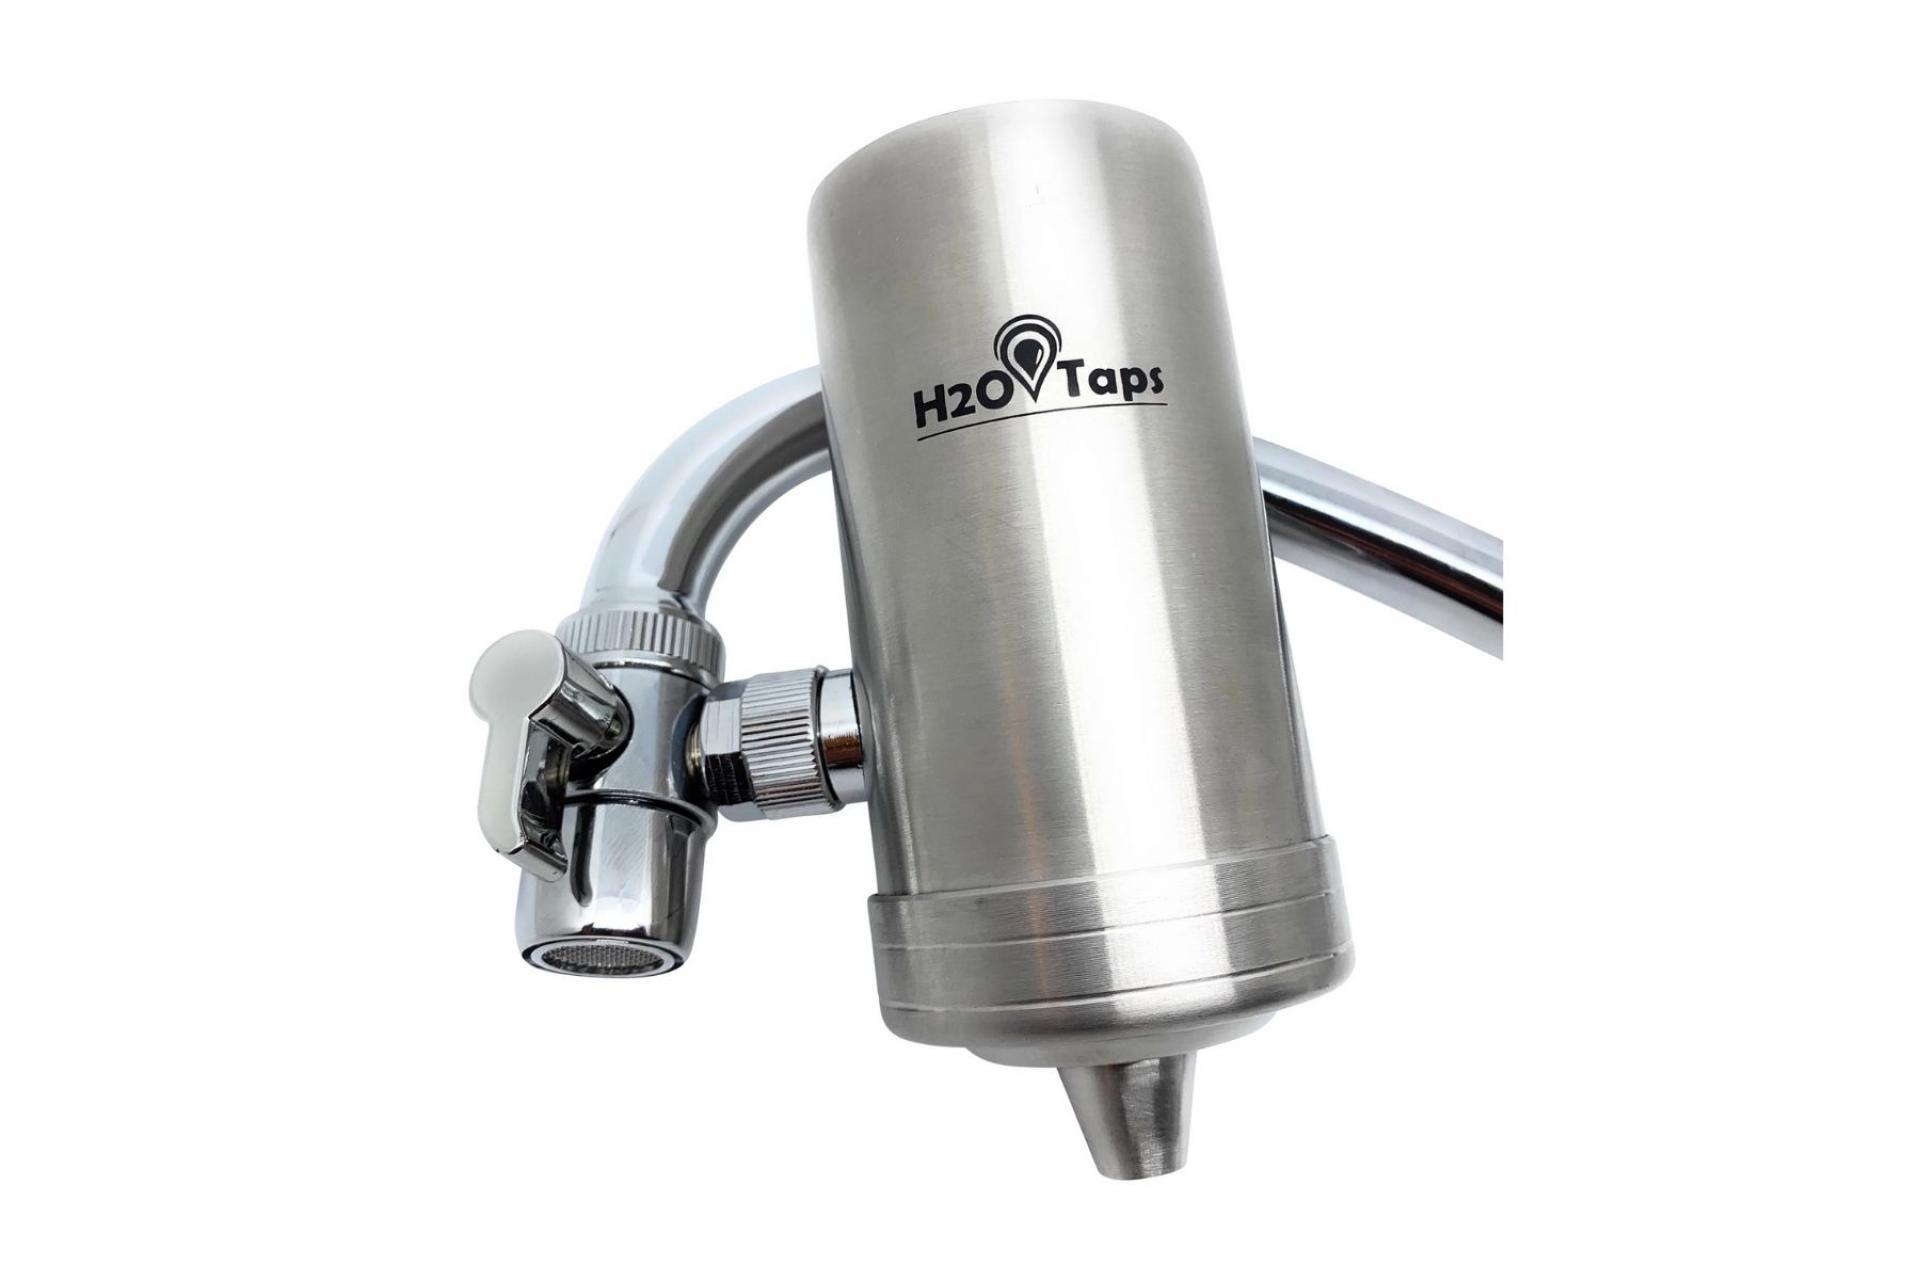 Los beneficios de los filtros de agua de H2O Taps